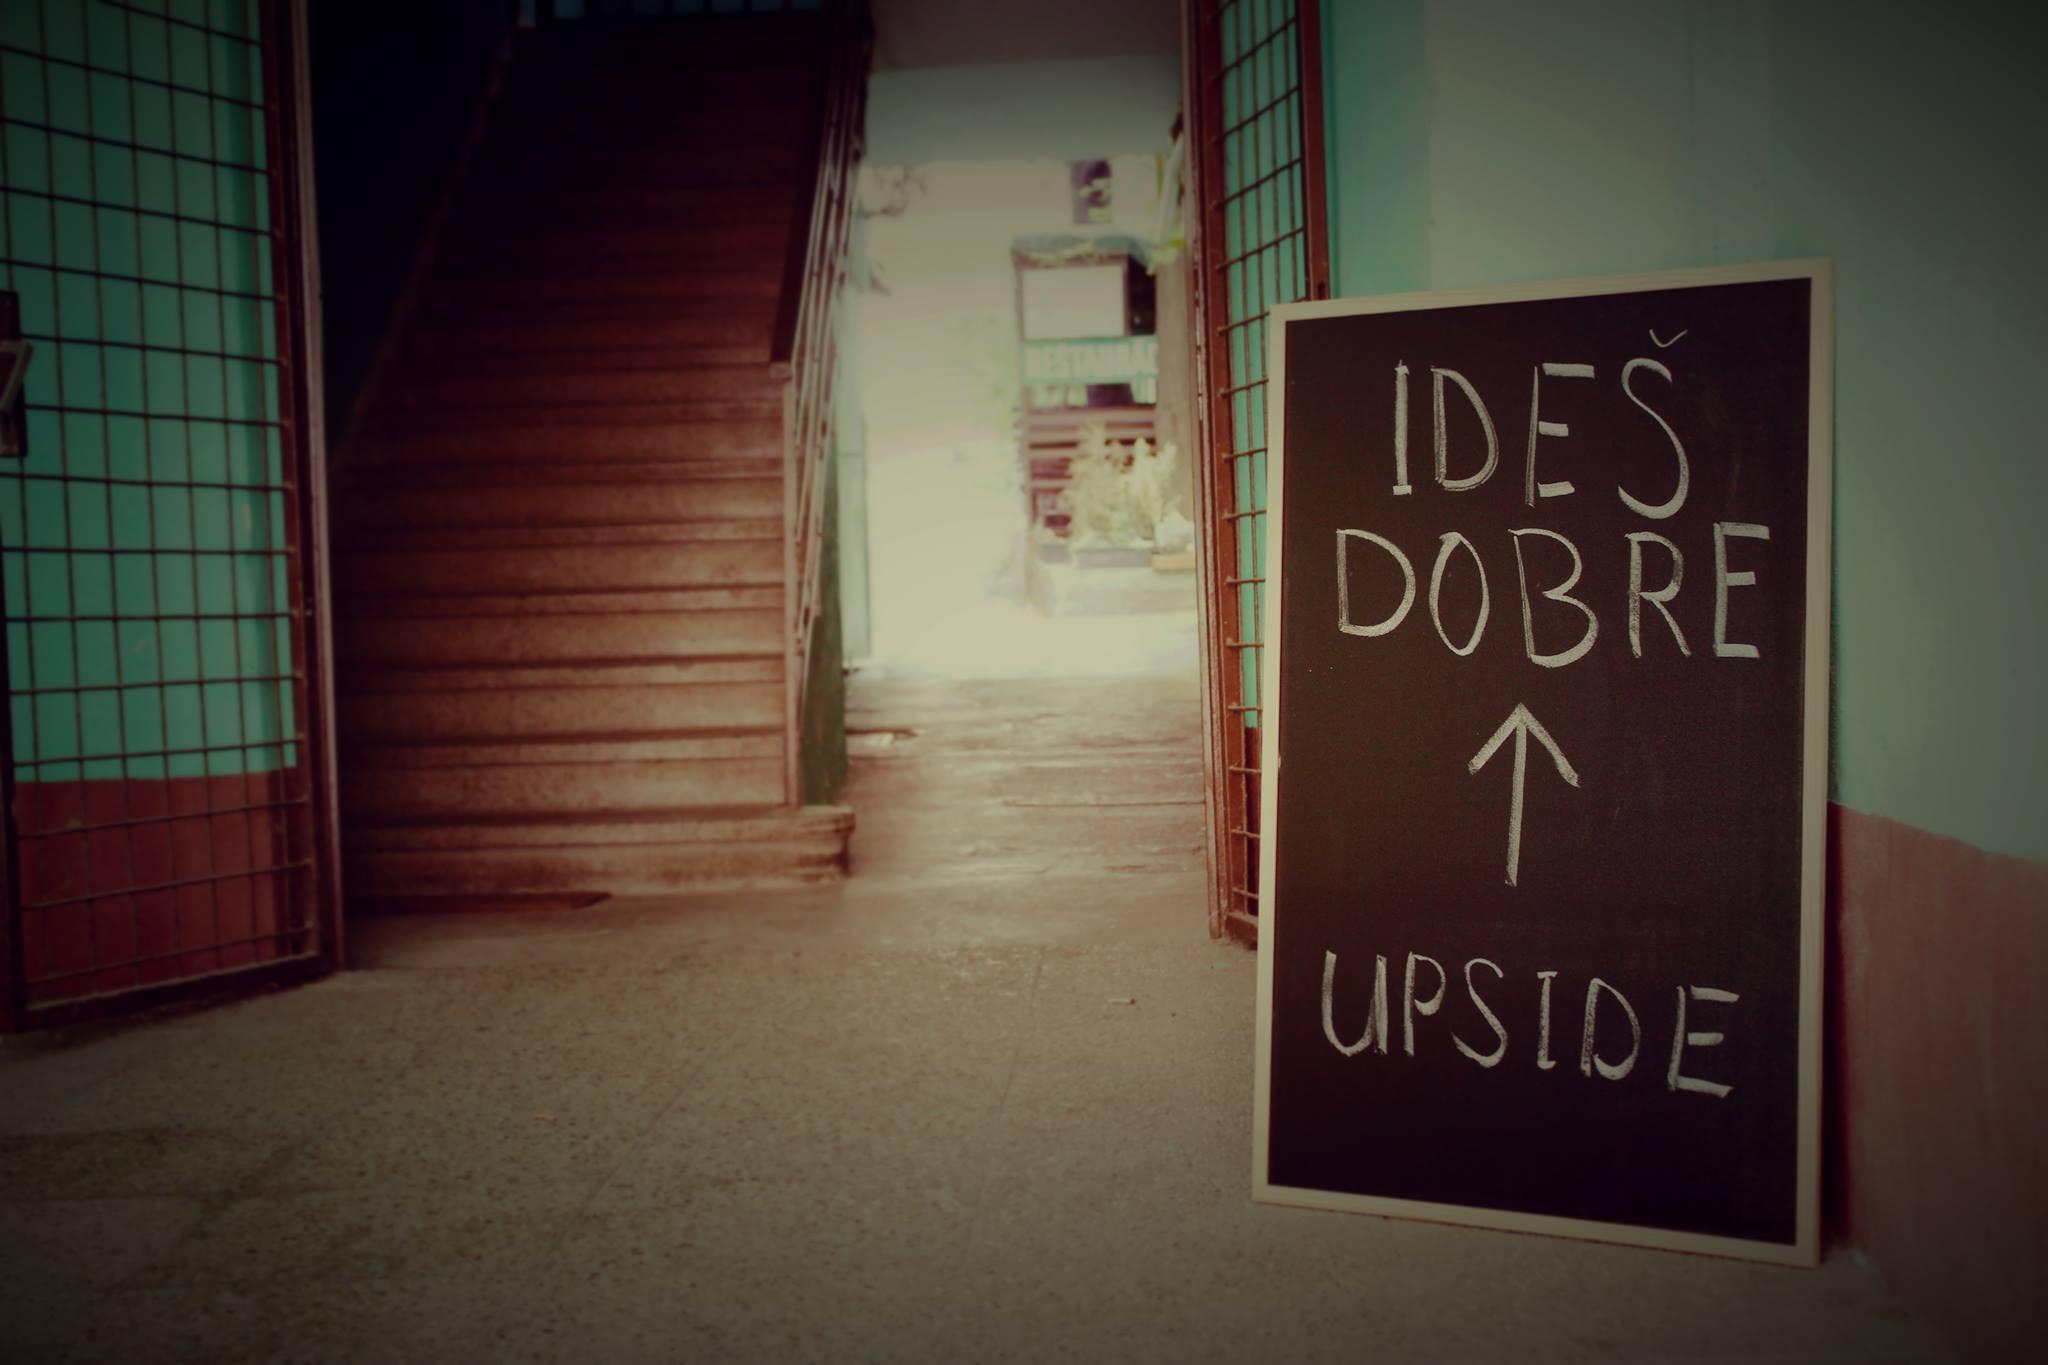 foto UPside 1